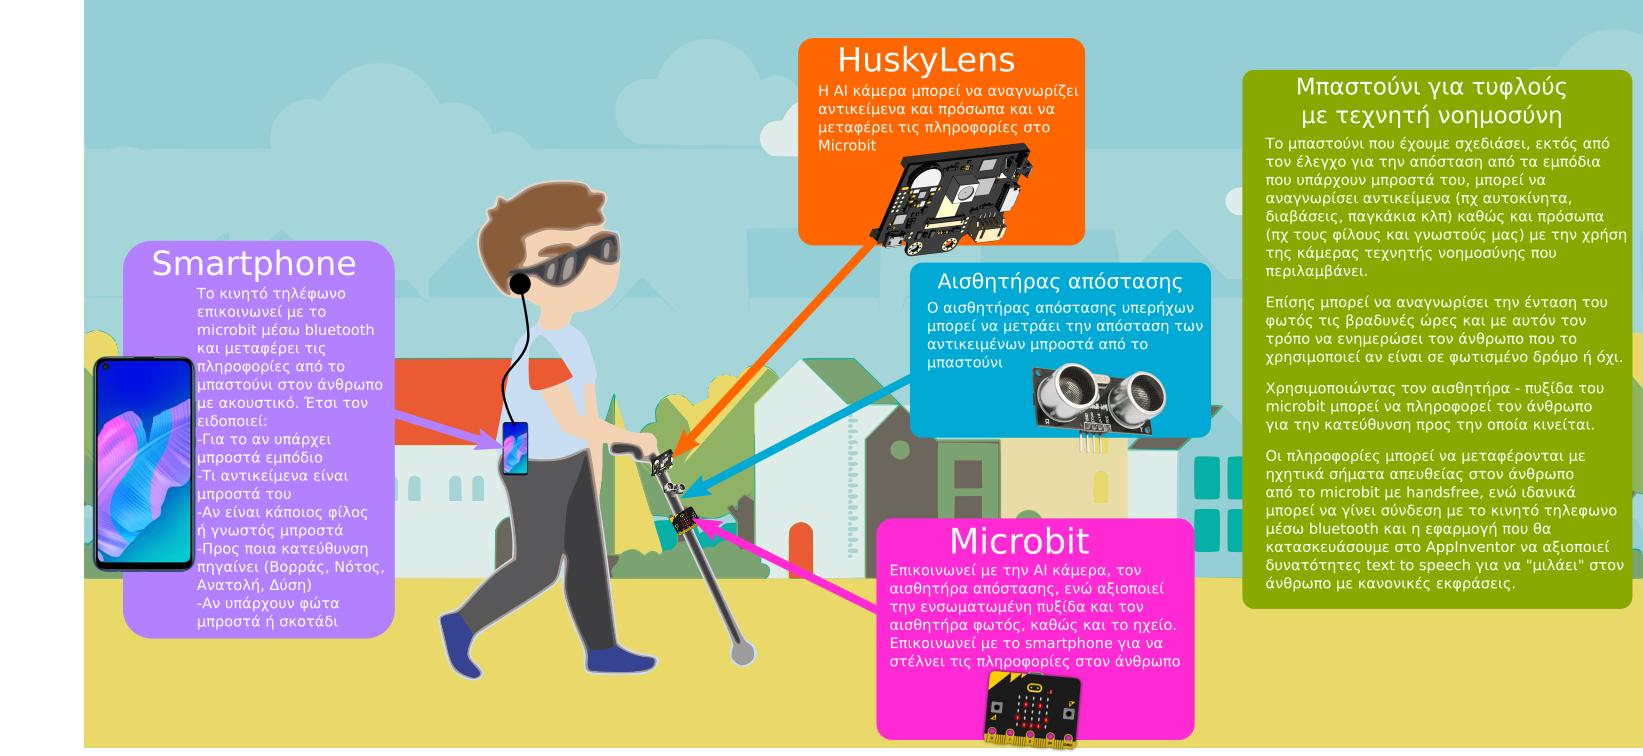 ElectroStick – Μπαστούνι με τεχνητή νοημοσύνη για άτομα με προβλήματα όρασης